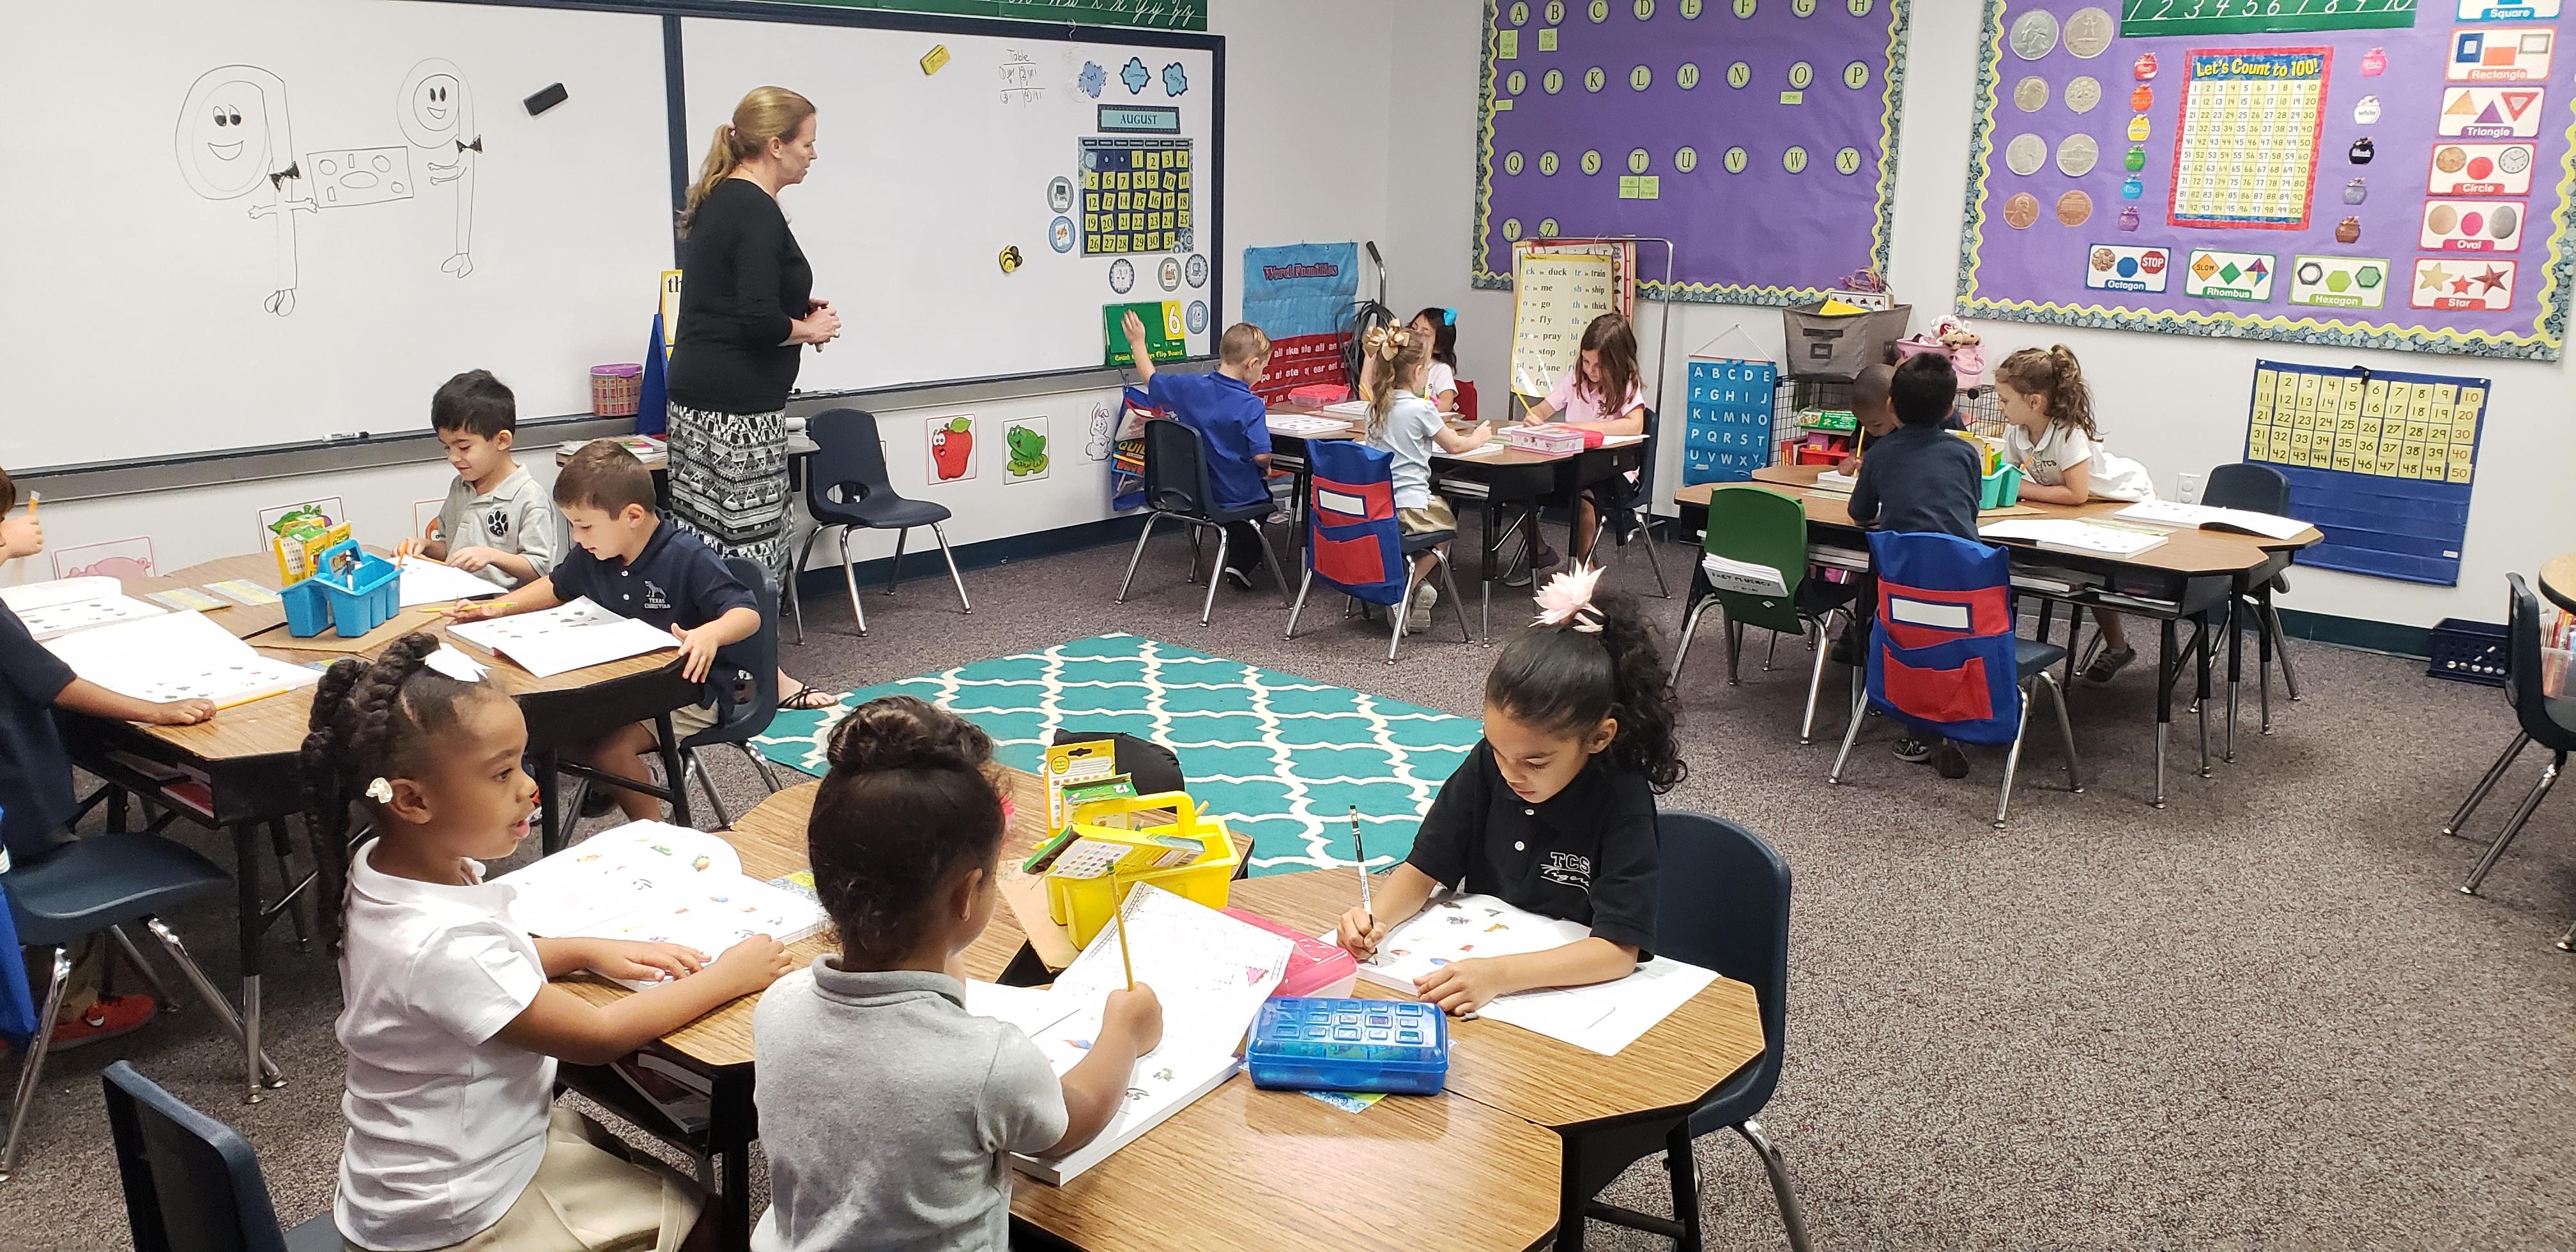 academics-preschool-classroom